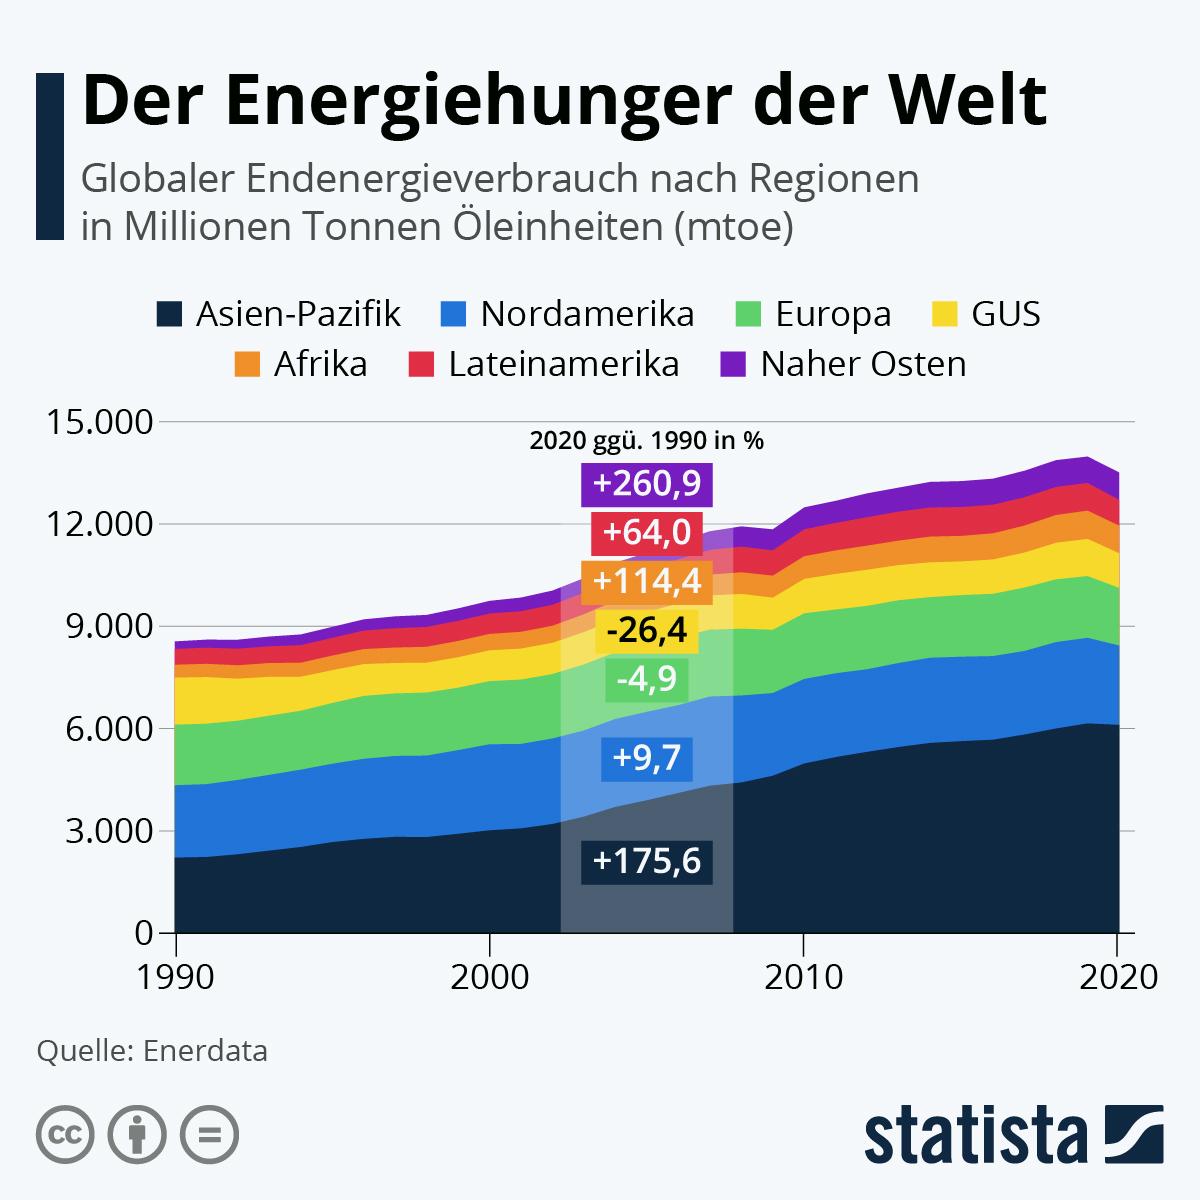 Der Energiehunger der Welt | Statista